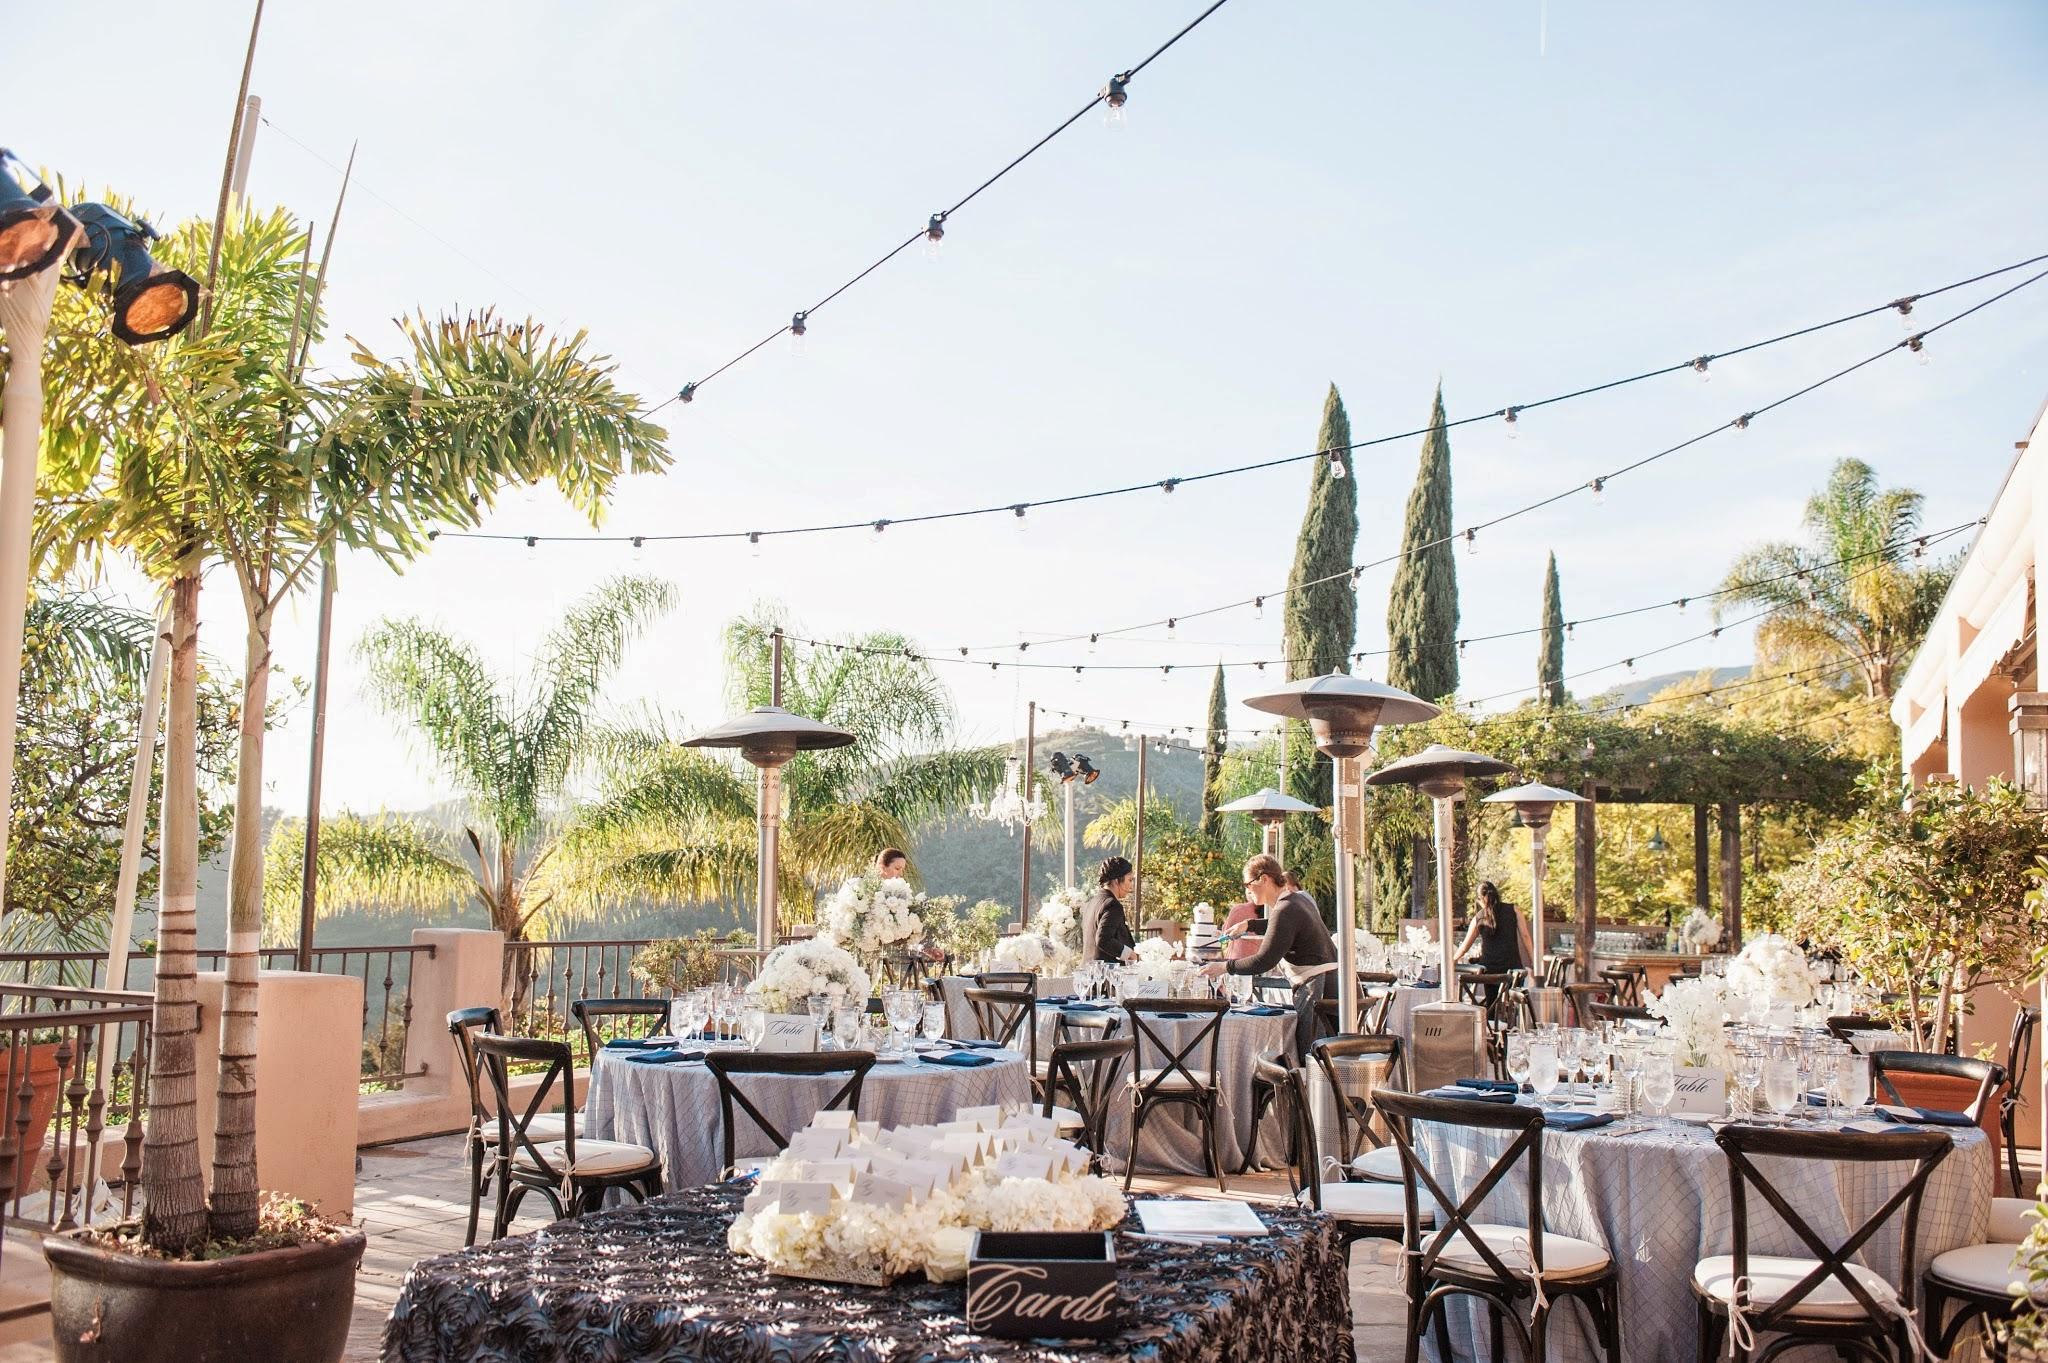 www.santabarbarawedding.com | Andrejka Photography | Villa Verano | Wedding Venue | Private Estate | Wedding Reception | Felici Events